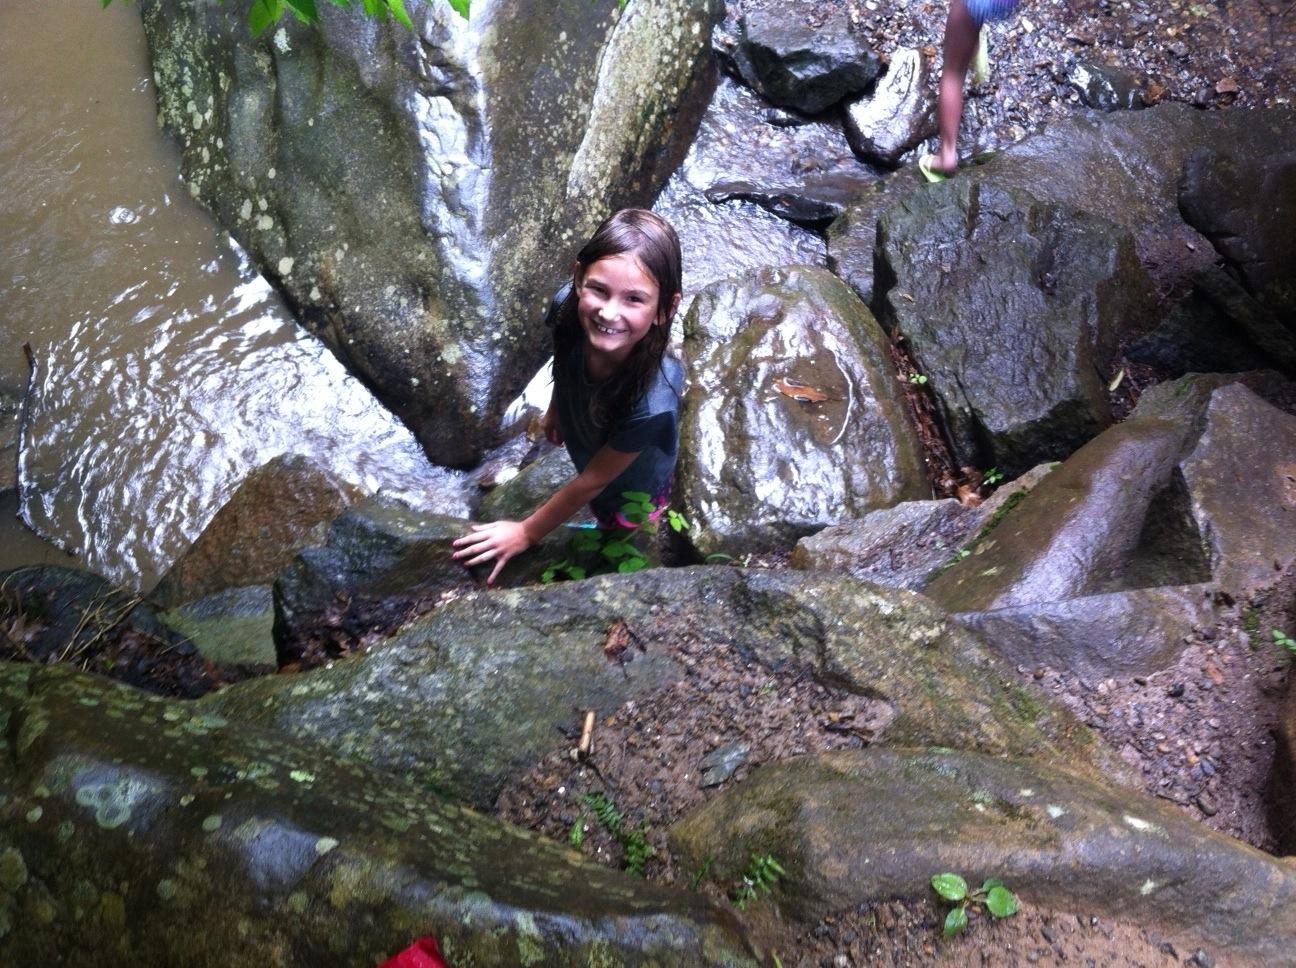 Jamie climbing down the rocks